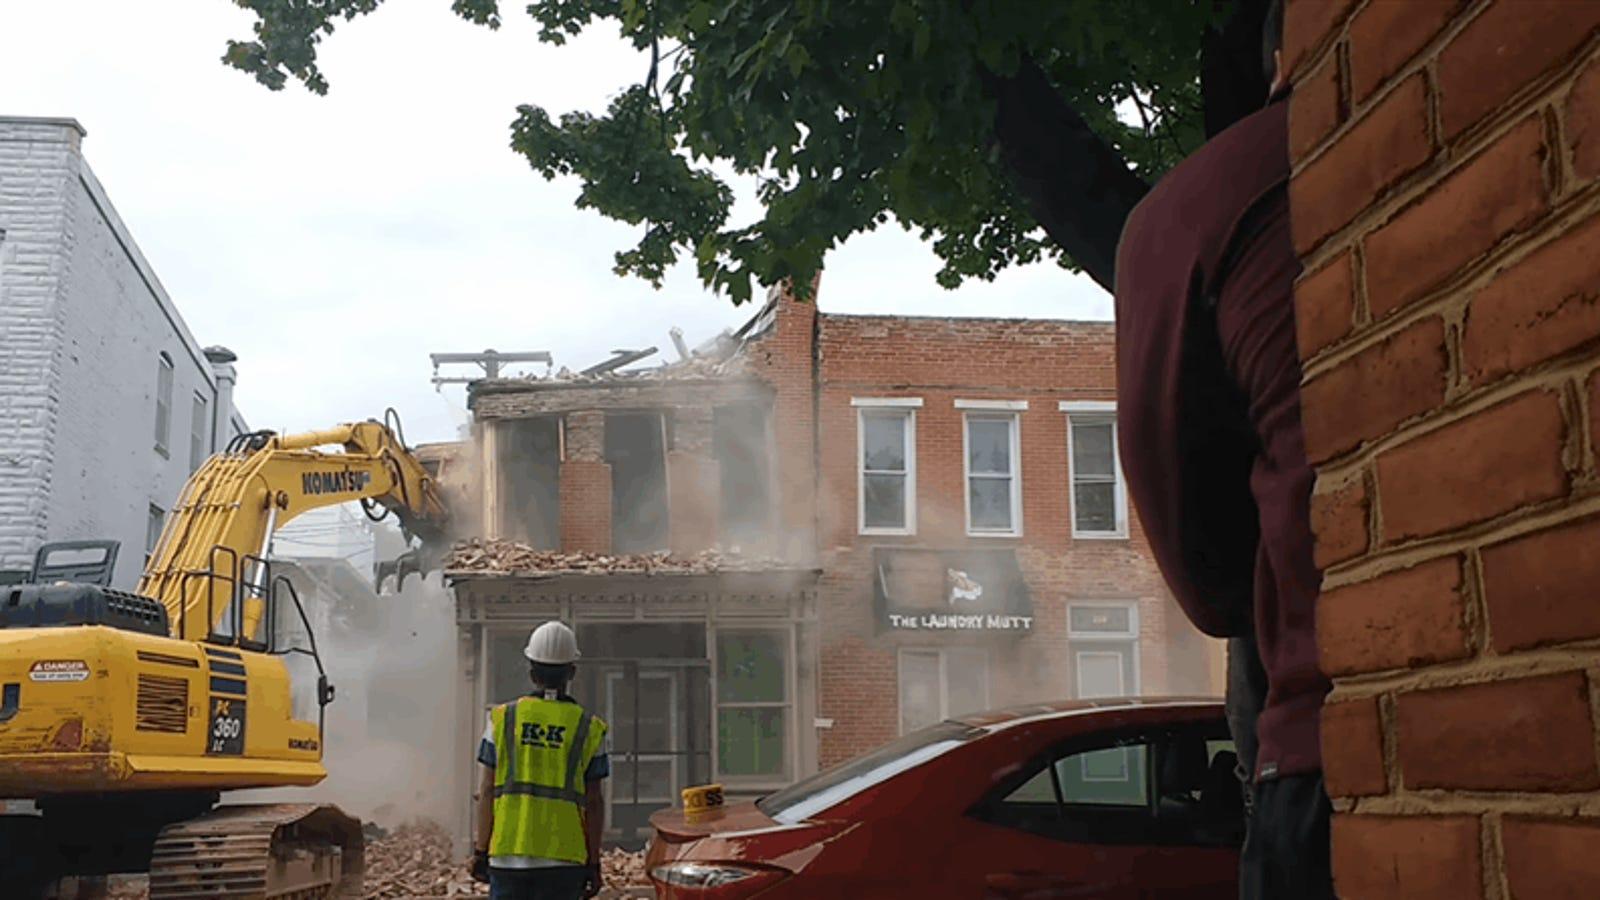 El momento exacto en el que un equipo de demolición se da cuenta que ha tirado abajo el edificio que no era